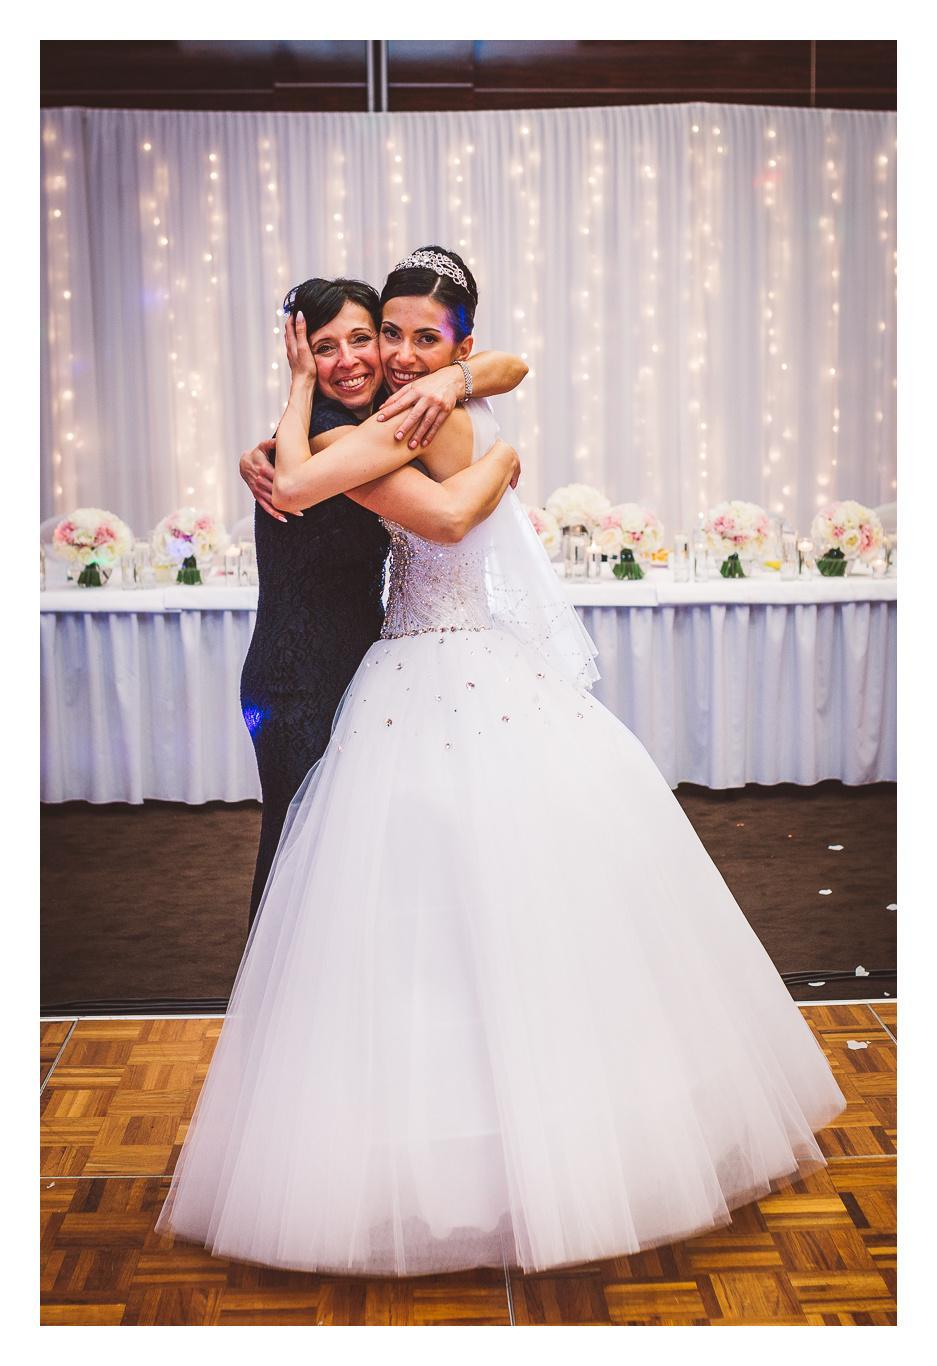 ❤ Najkrajší deň ❤ Naša svadba - Obrázok č. 116